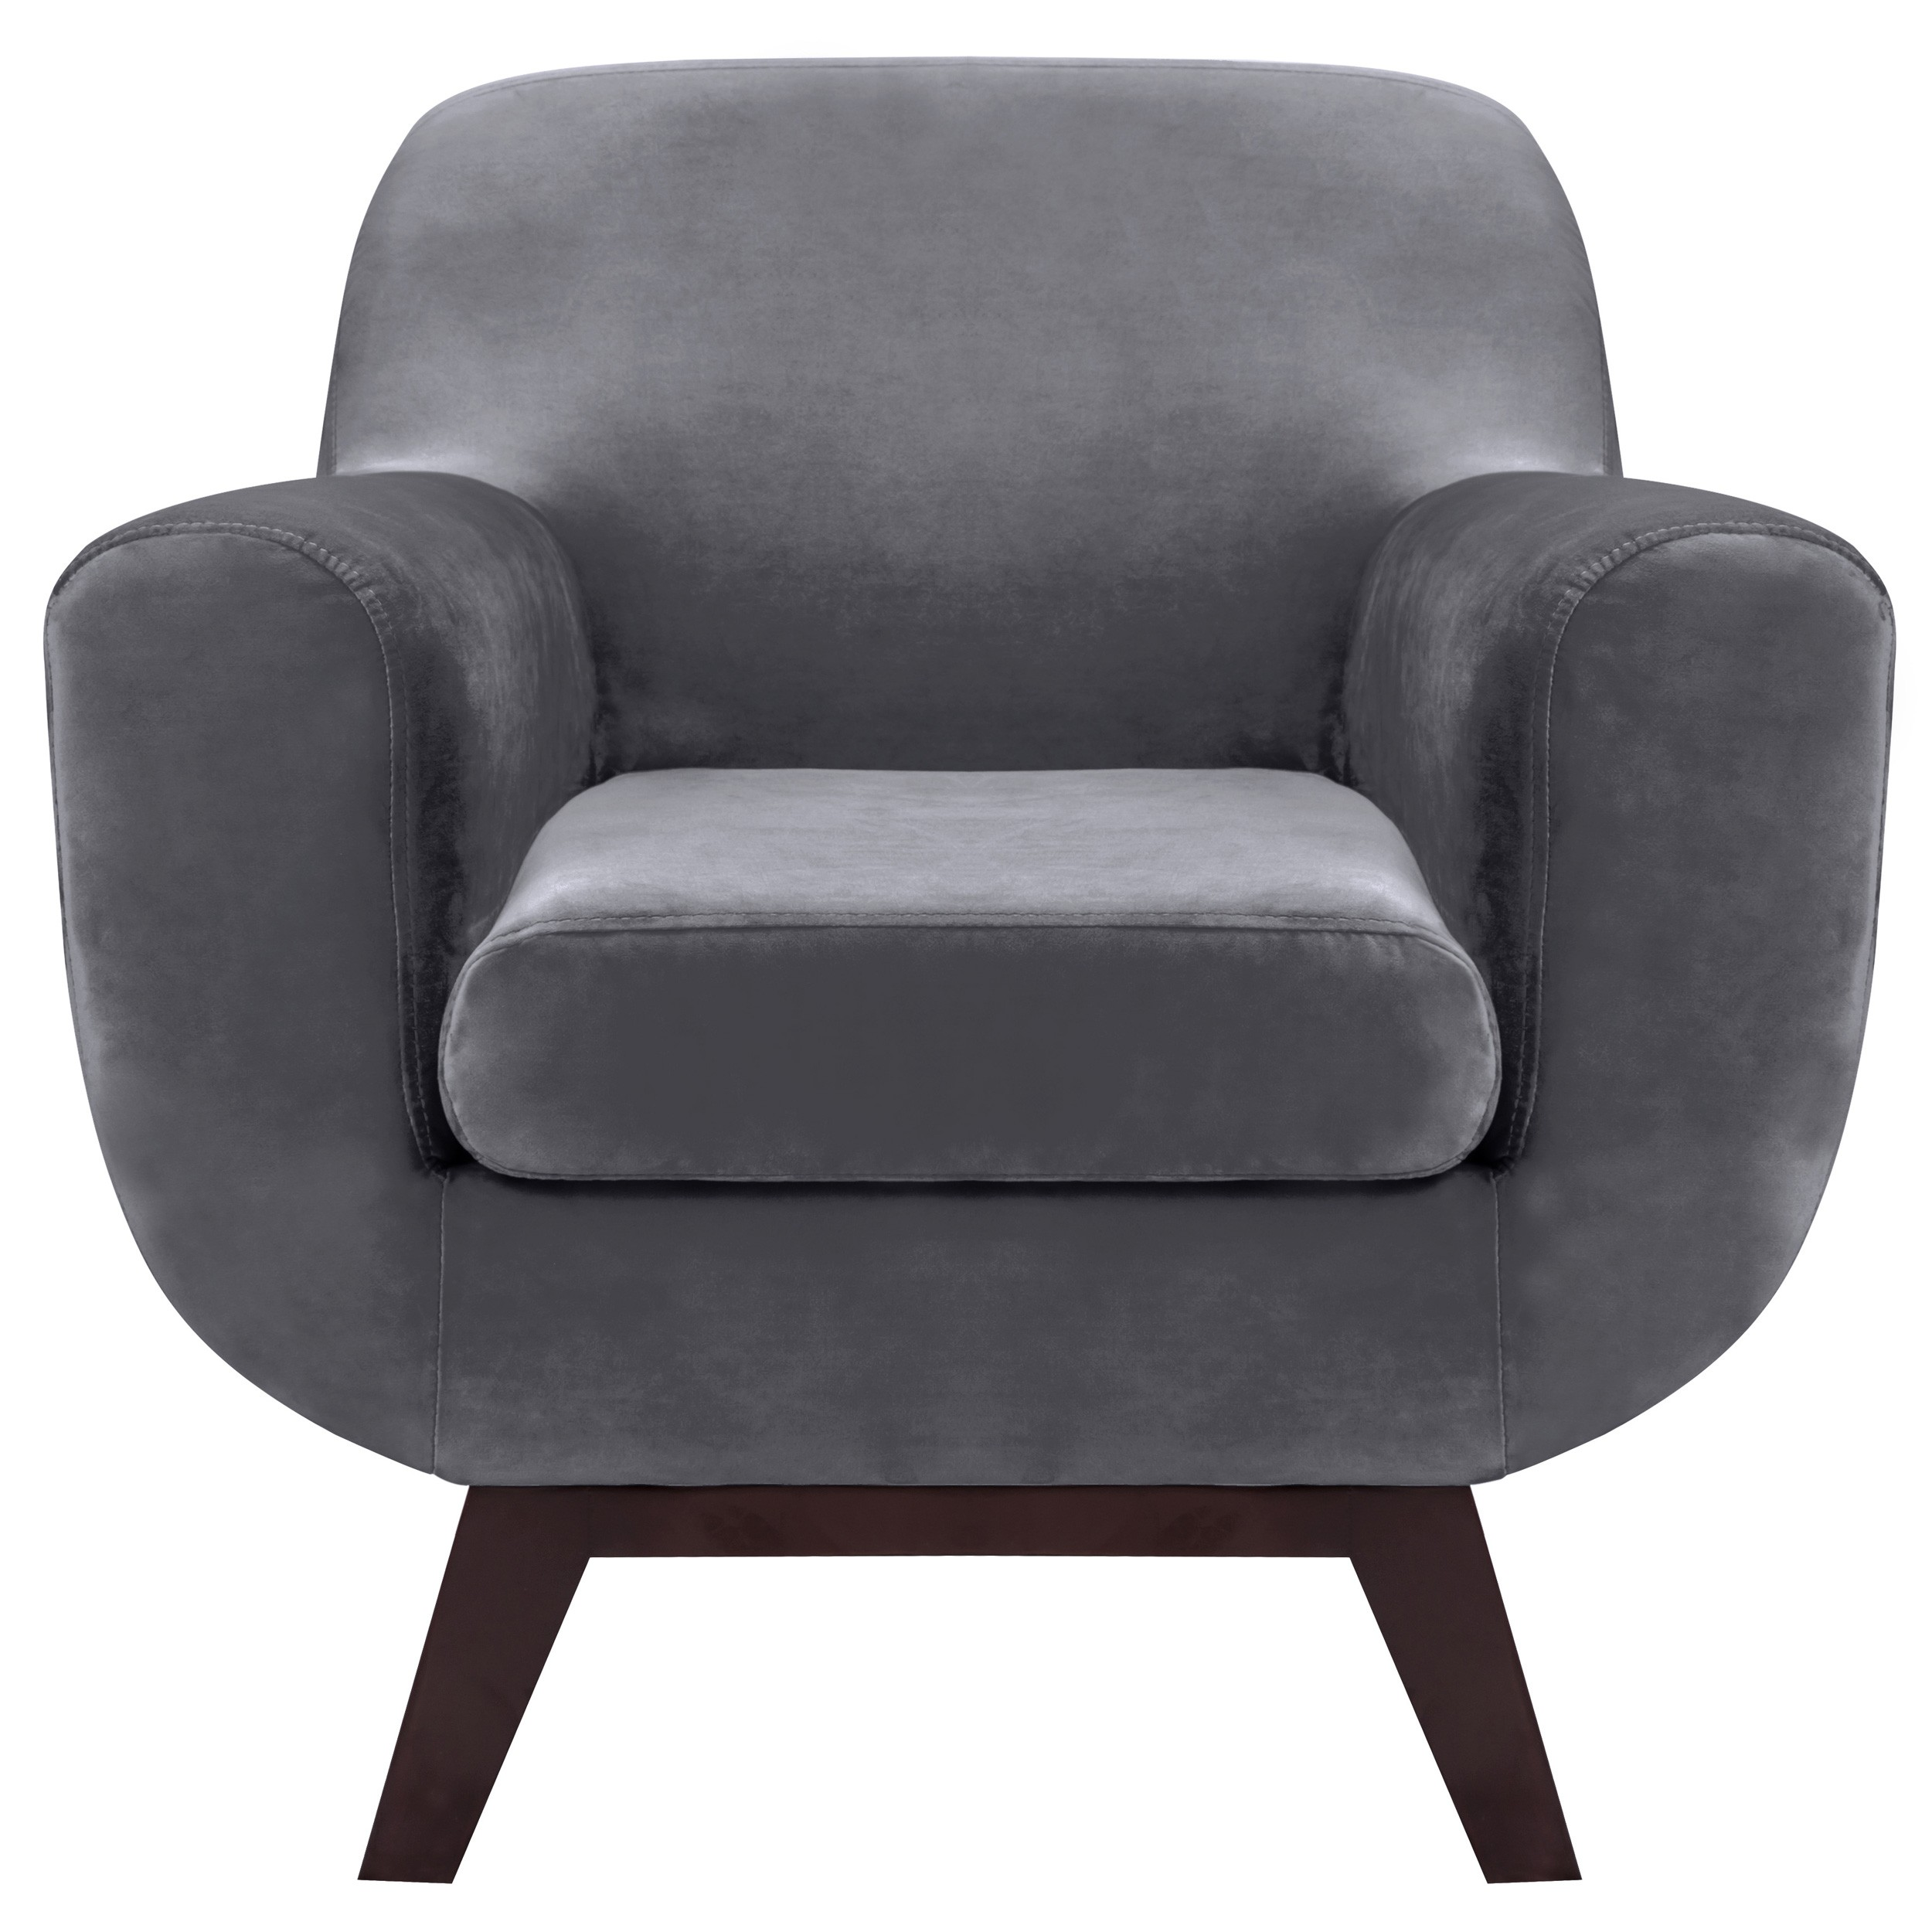 acheter fauteuil velours gris fonce Résultat Supérieur 5 Bon Marché Fauteuil Acheter Photographie 2017 Xzw1